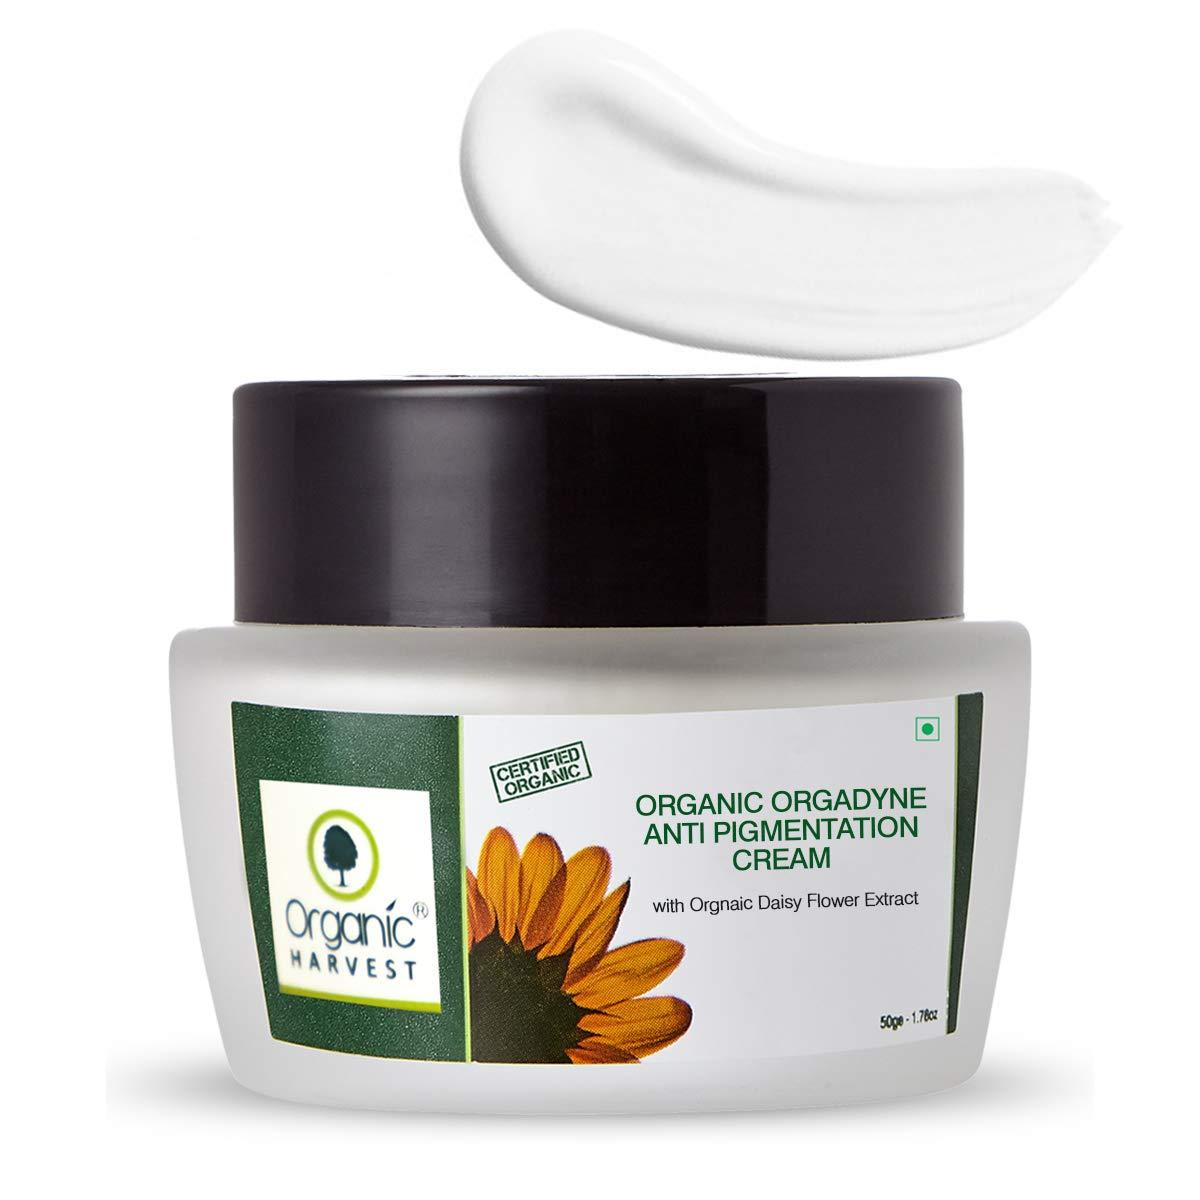 Organic Harvest | Anti Pigmentation Cream - 50g